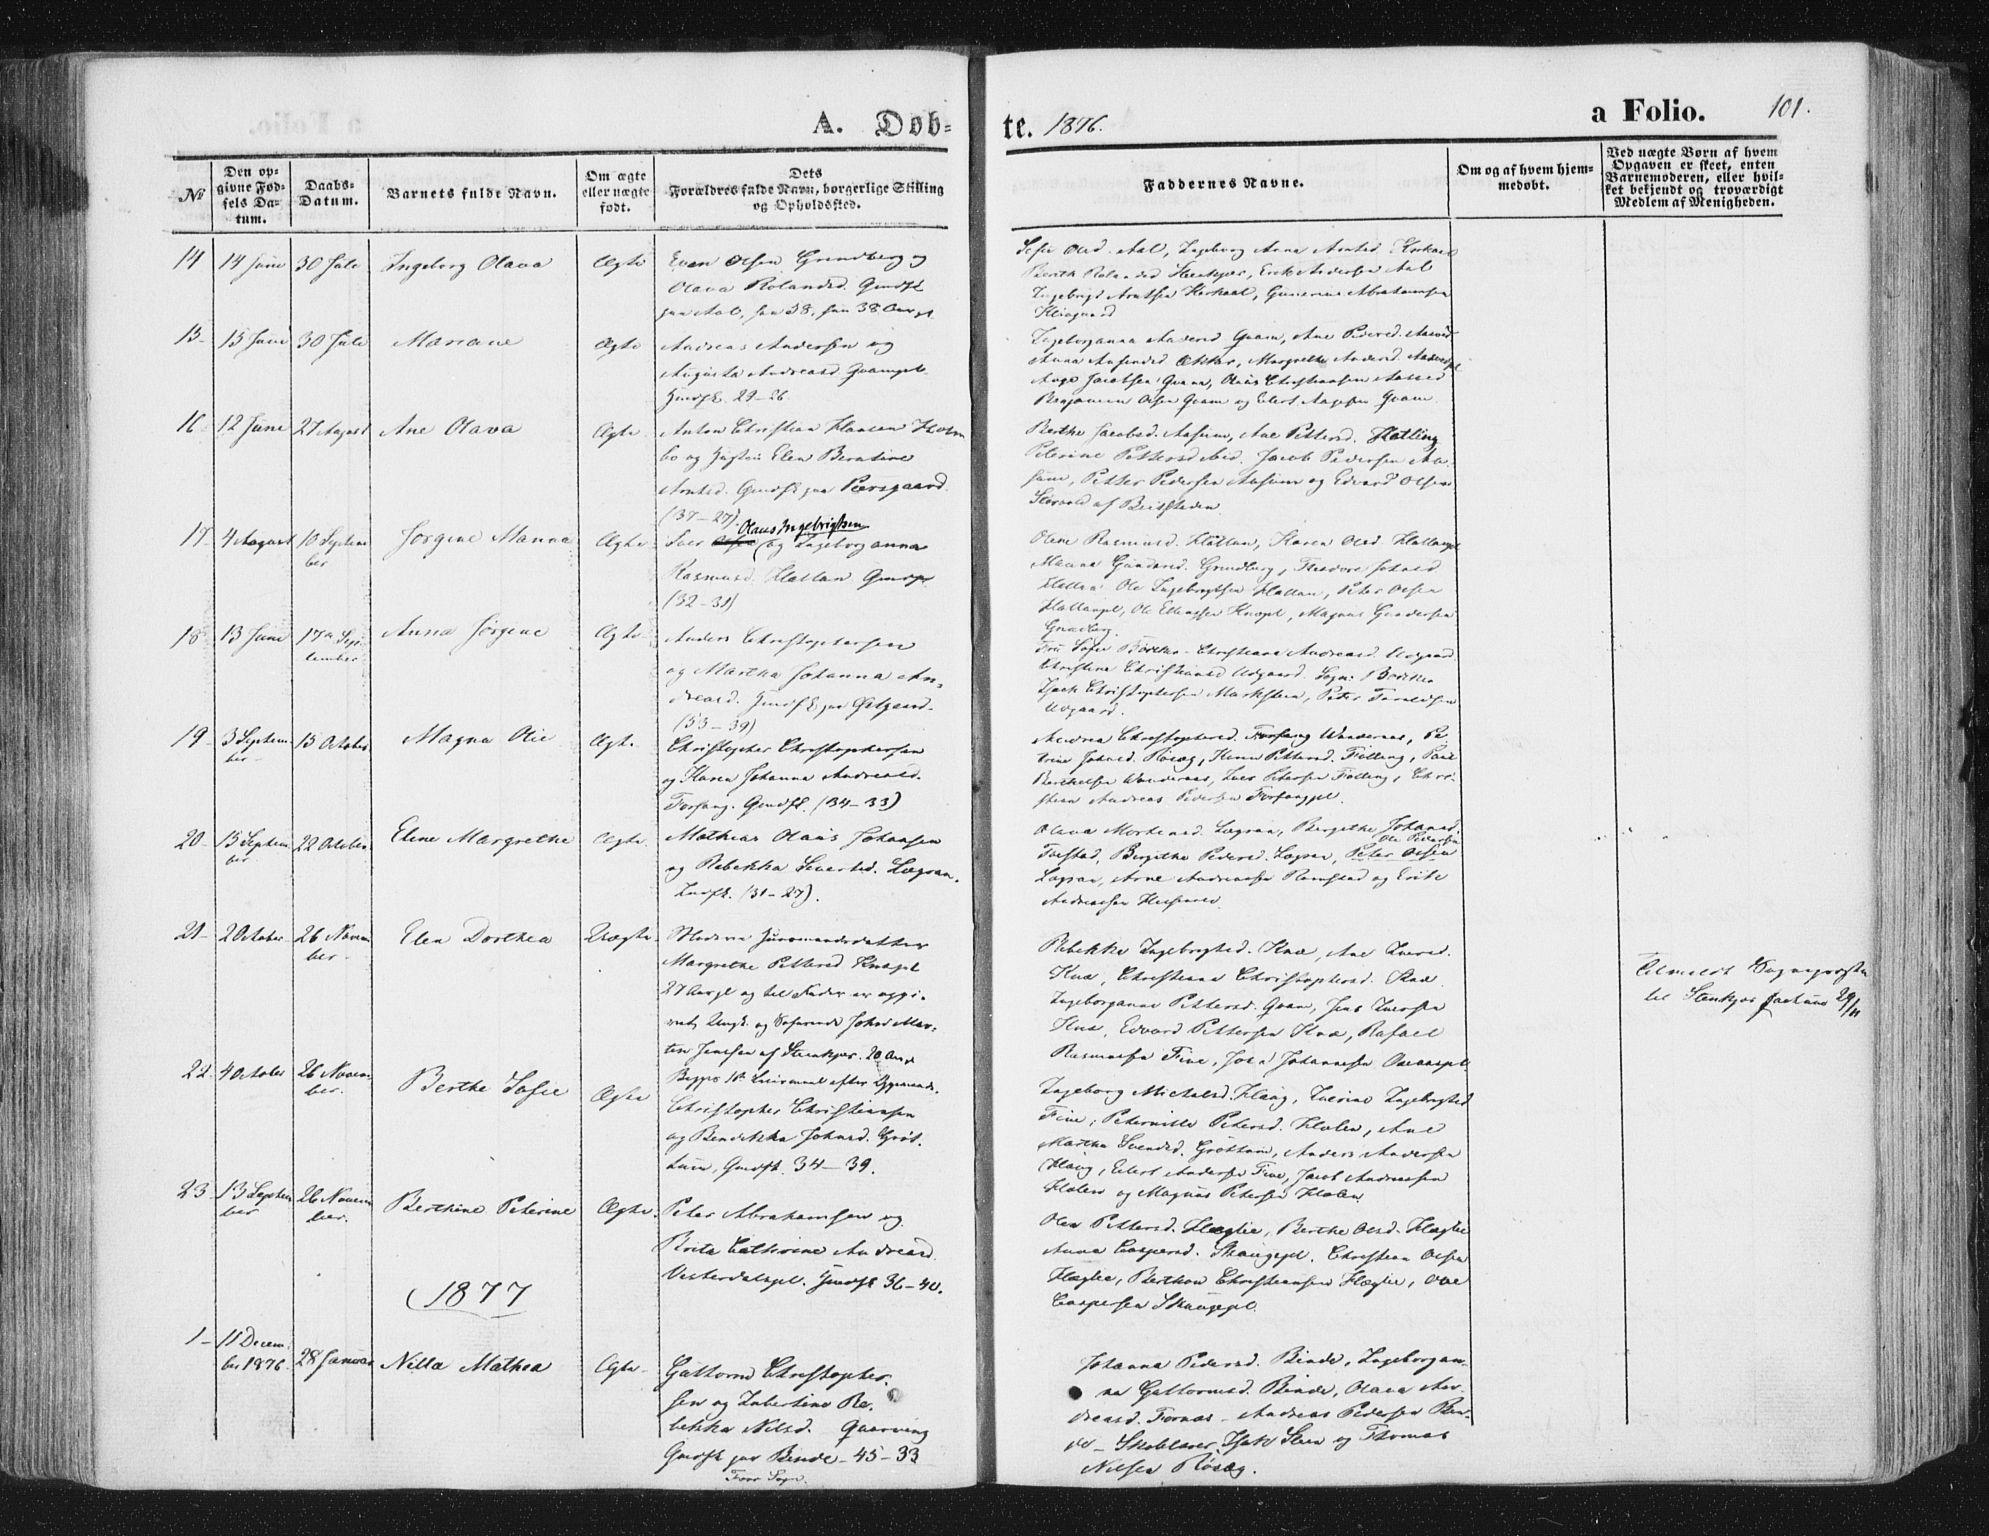 SAT, Ministerialprotokoller, klokkerbøker og fødselsregistre - Nord-Trøndelag, 746/L0447: Ministerialbok nr. 746A06, 1860-1877, s. 101